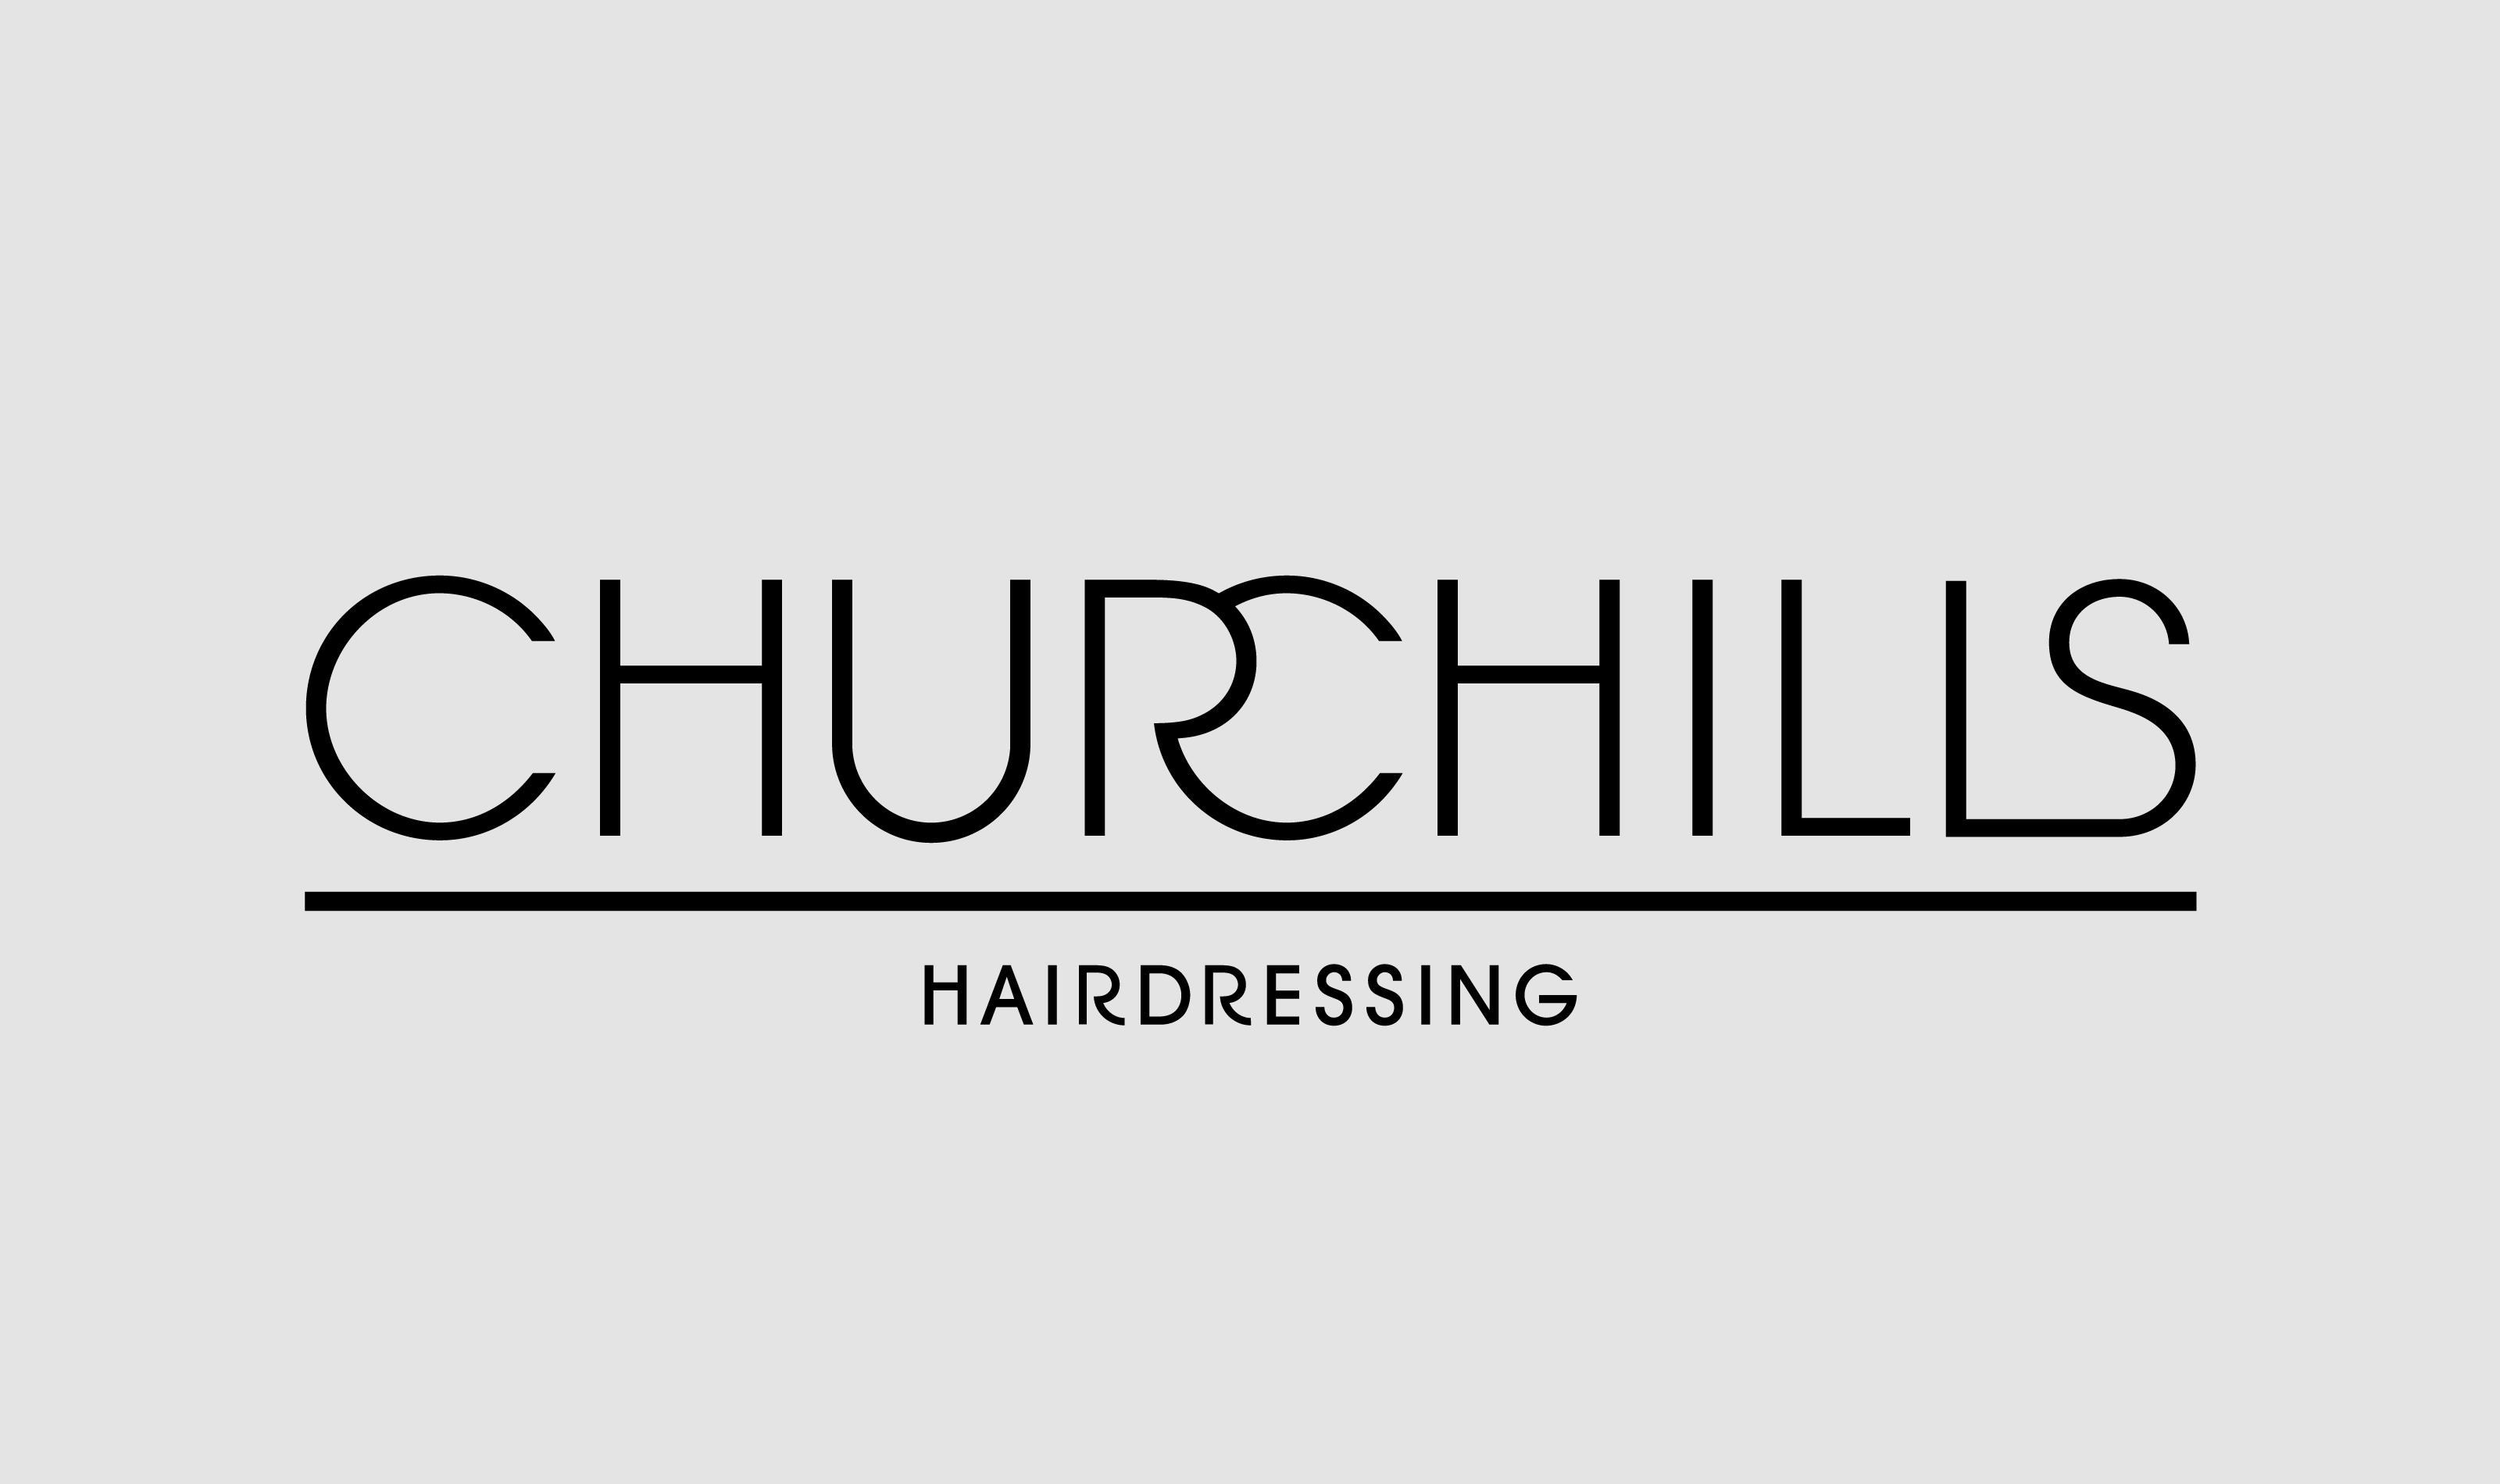 portfolio_curchills_1.png